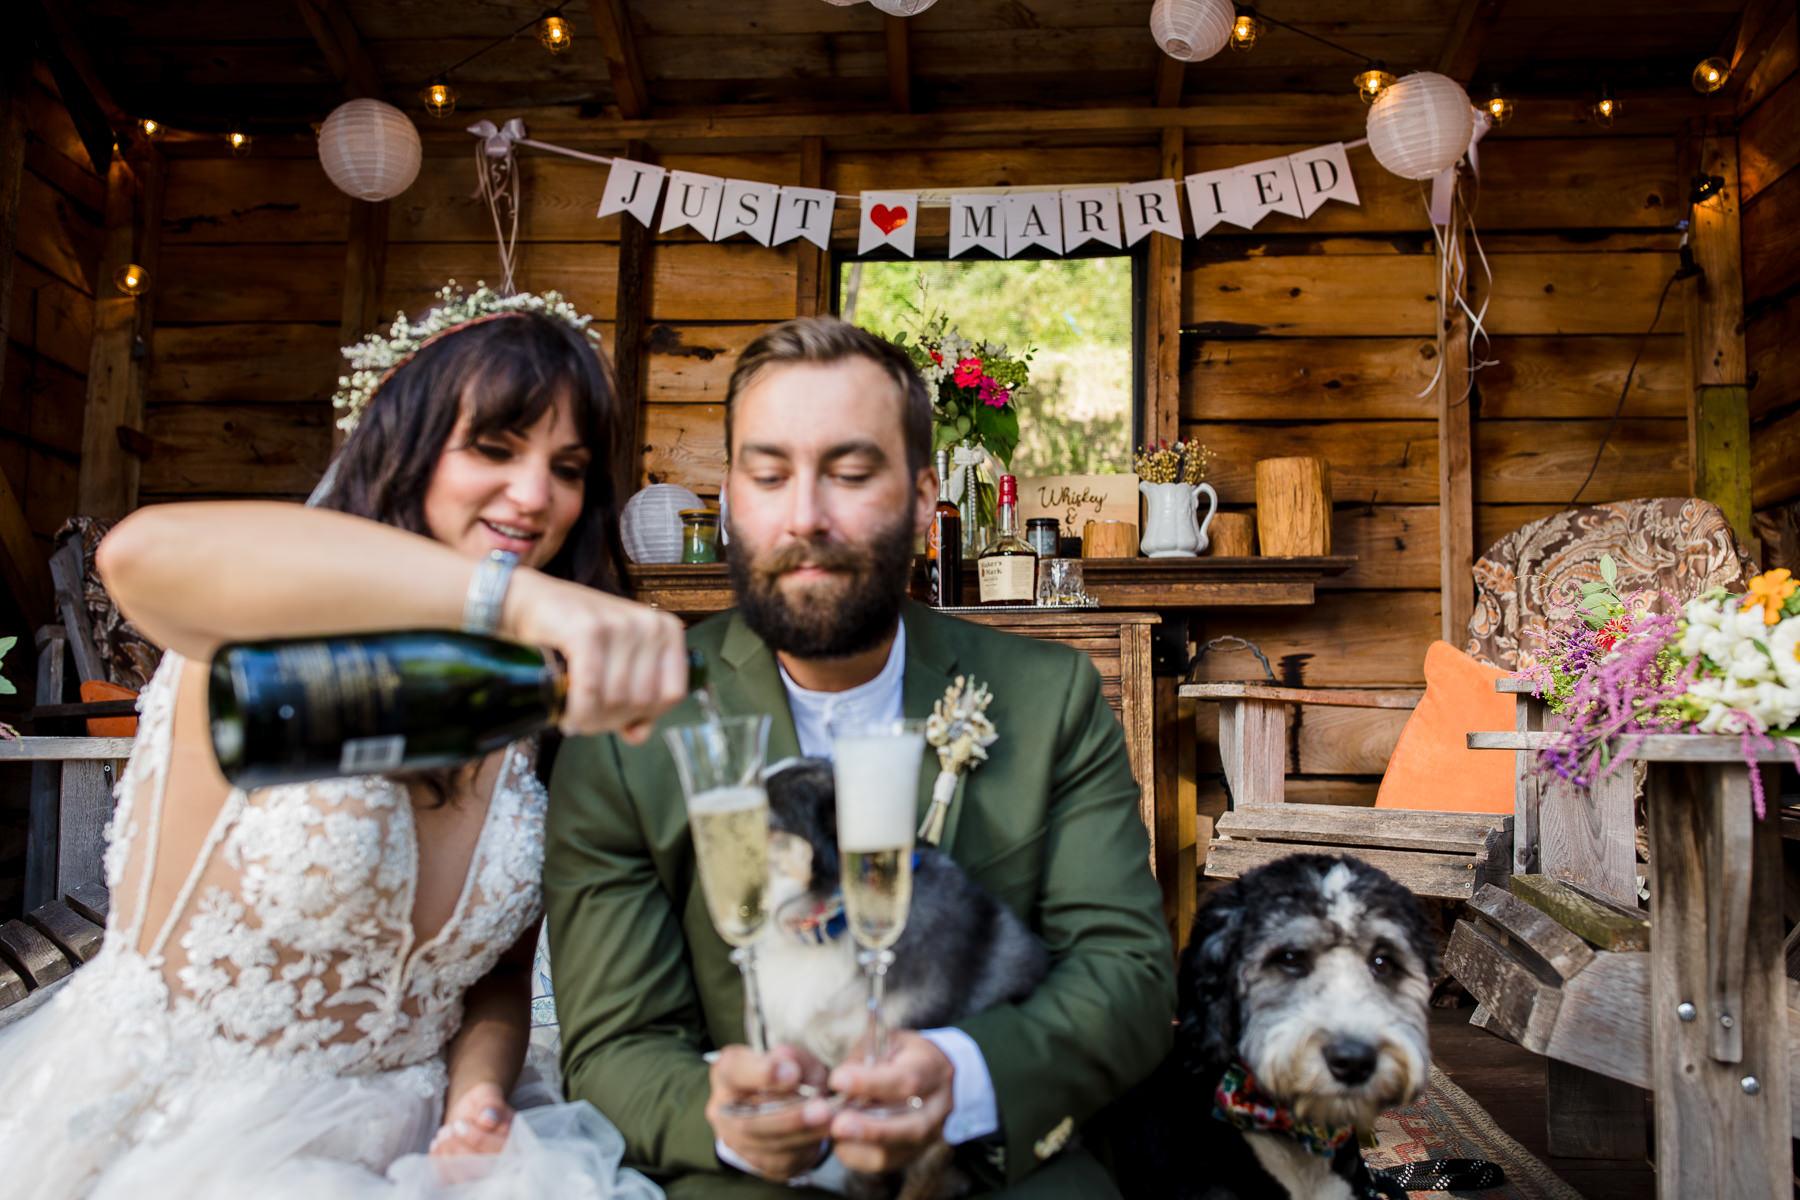 Afbeeldingen van een Adirondacks New York-schaking | de bruid en bruidegom en hun twee honden gingen terug naar de schuur om champagne in te schenken